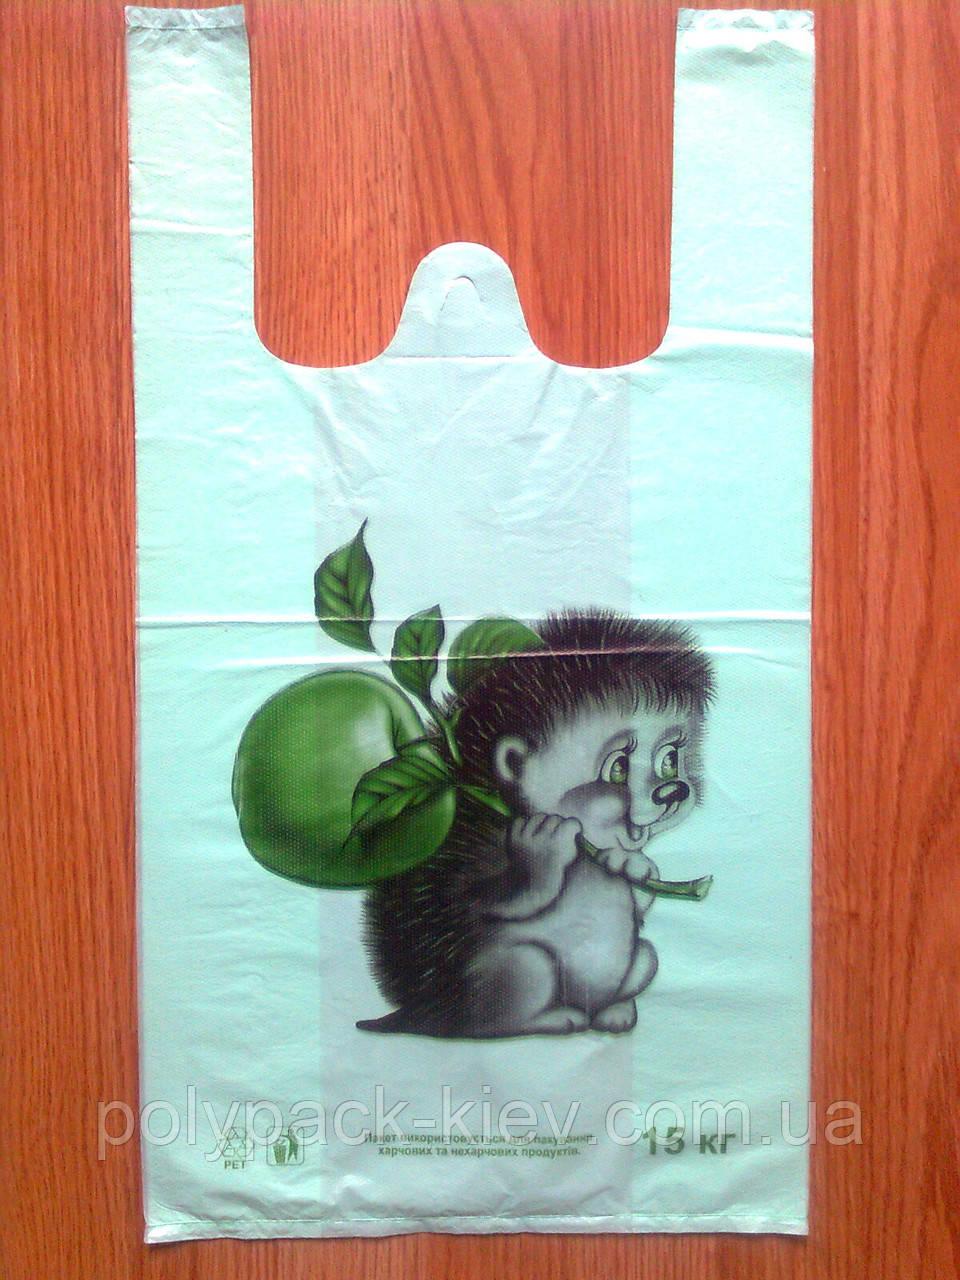 Пакеты-майка Ежик 30х53 см, прочный полиэтиленовый пакет, упаковочные плотные с печатью купить Киев